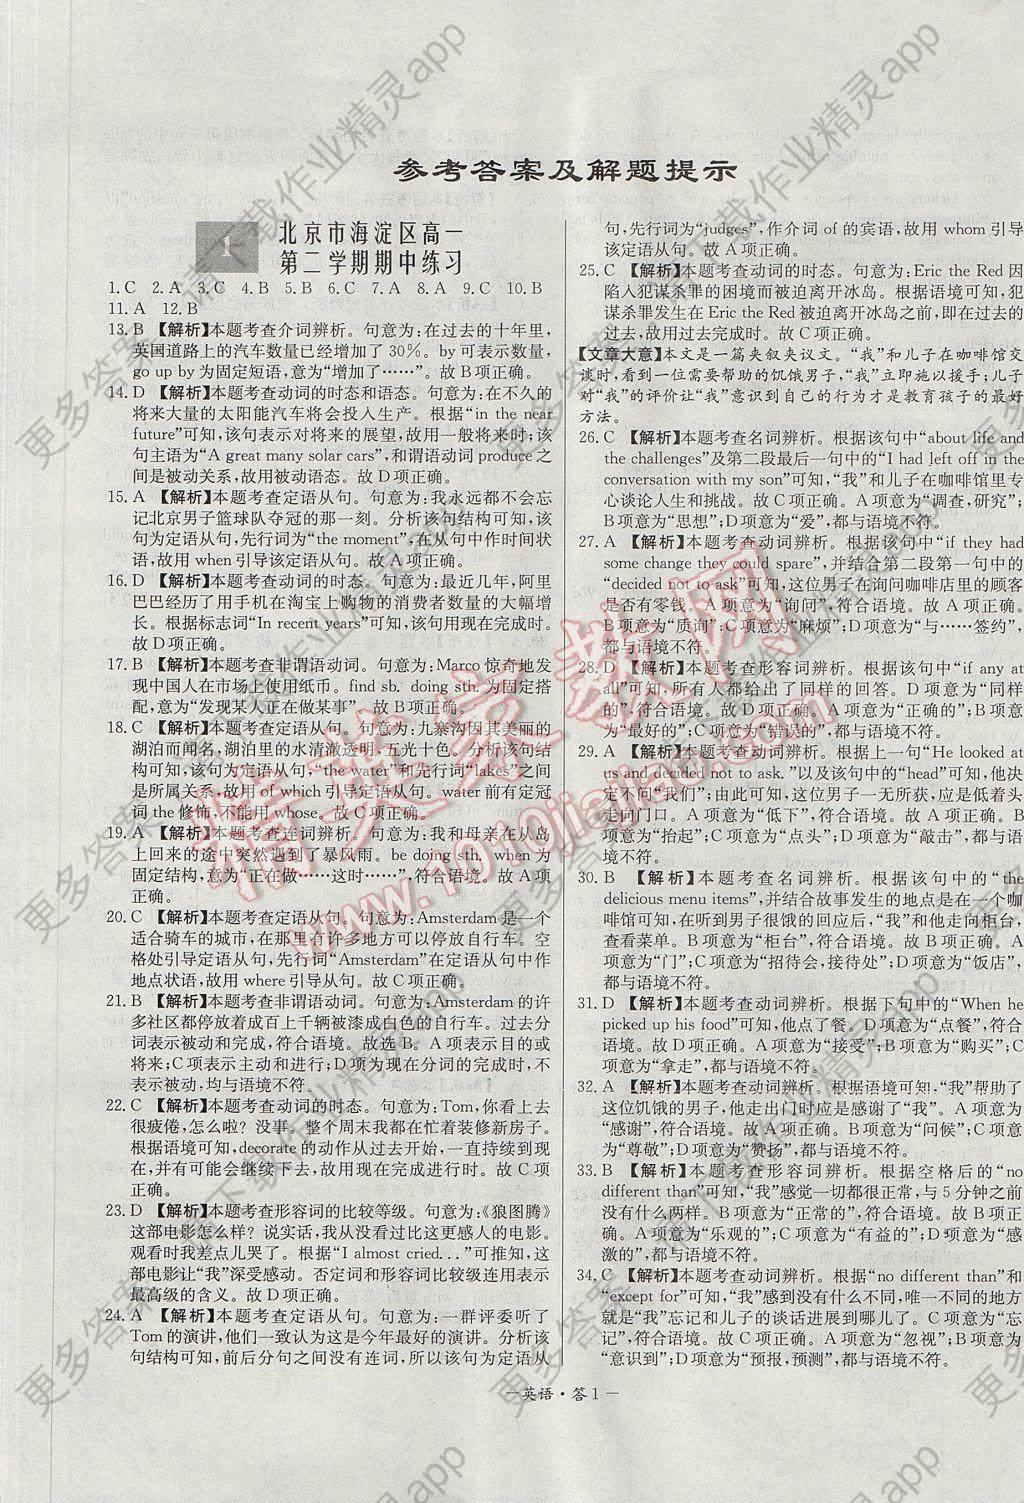 天利38套高中名校期中期末联考测试卷yahu777亚虎国际亚虎777娱乐平台模块3、4、5北师大版 参考答案第1页